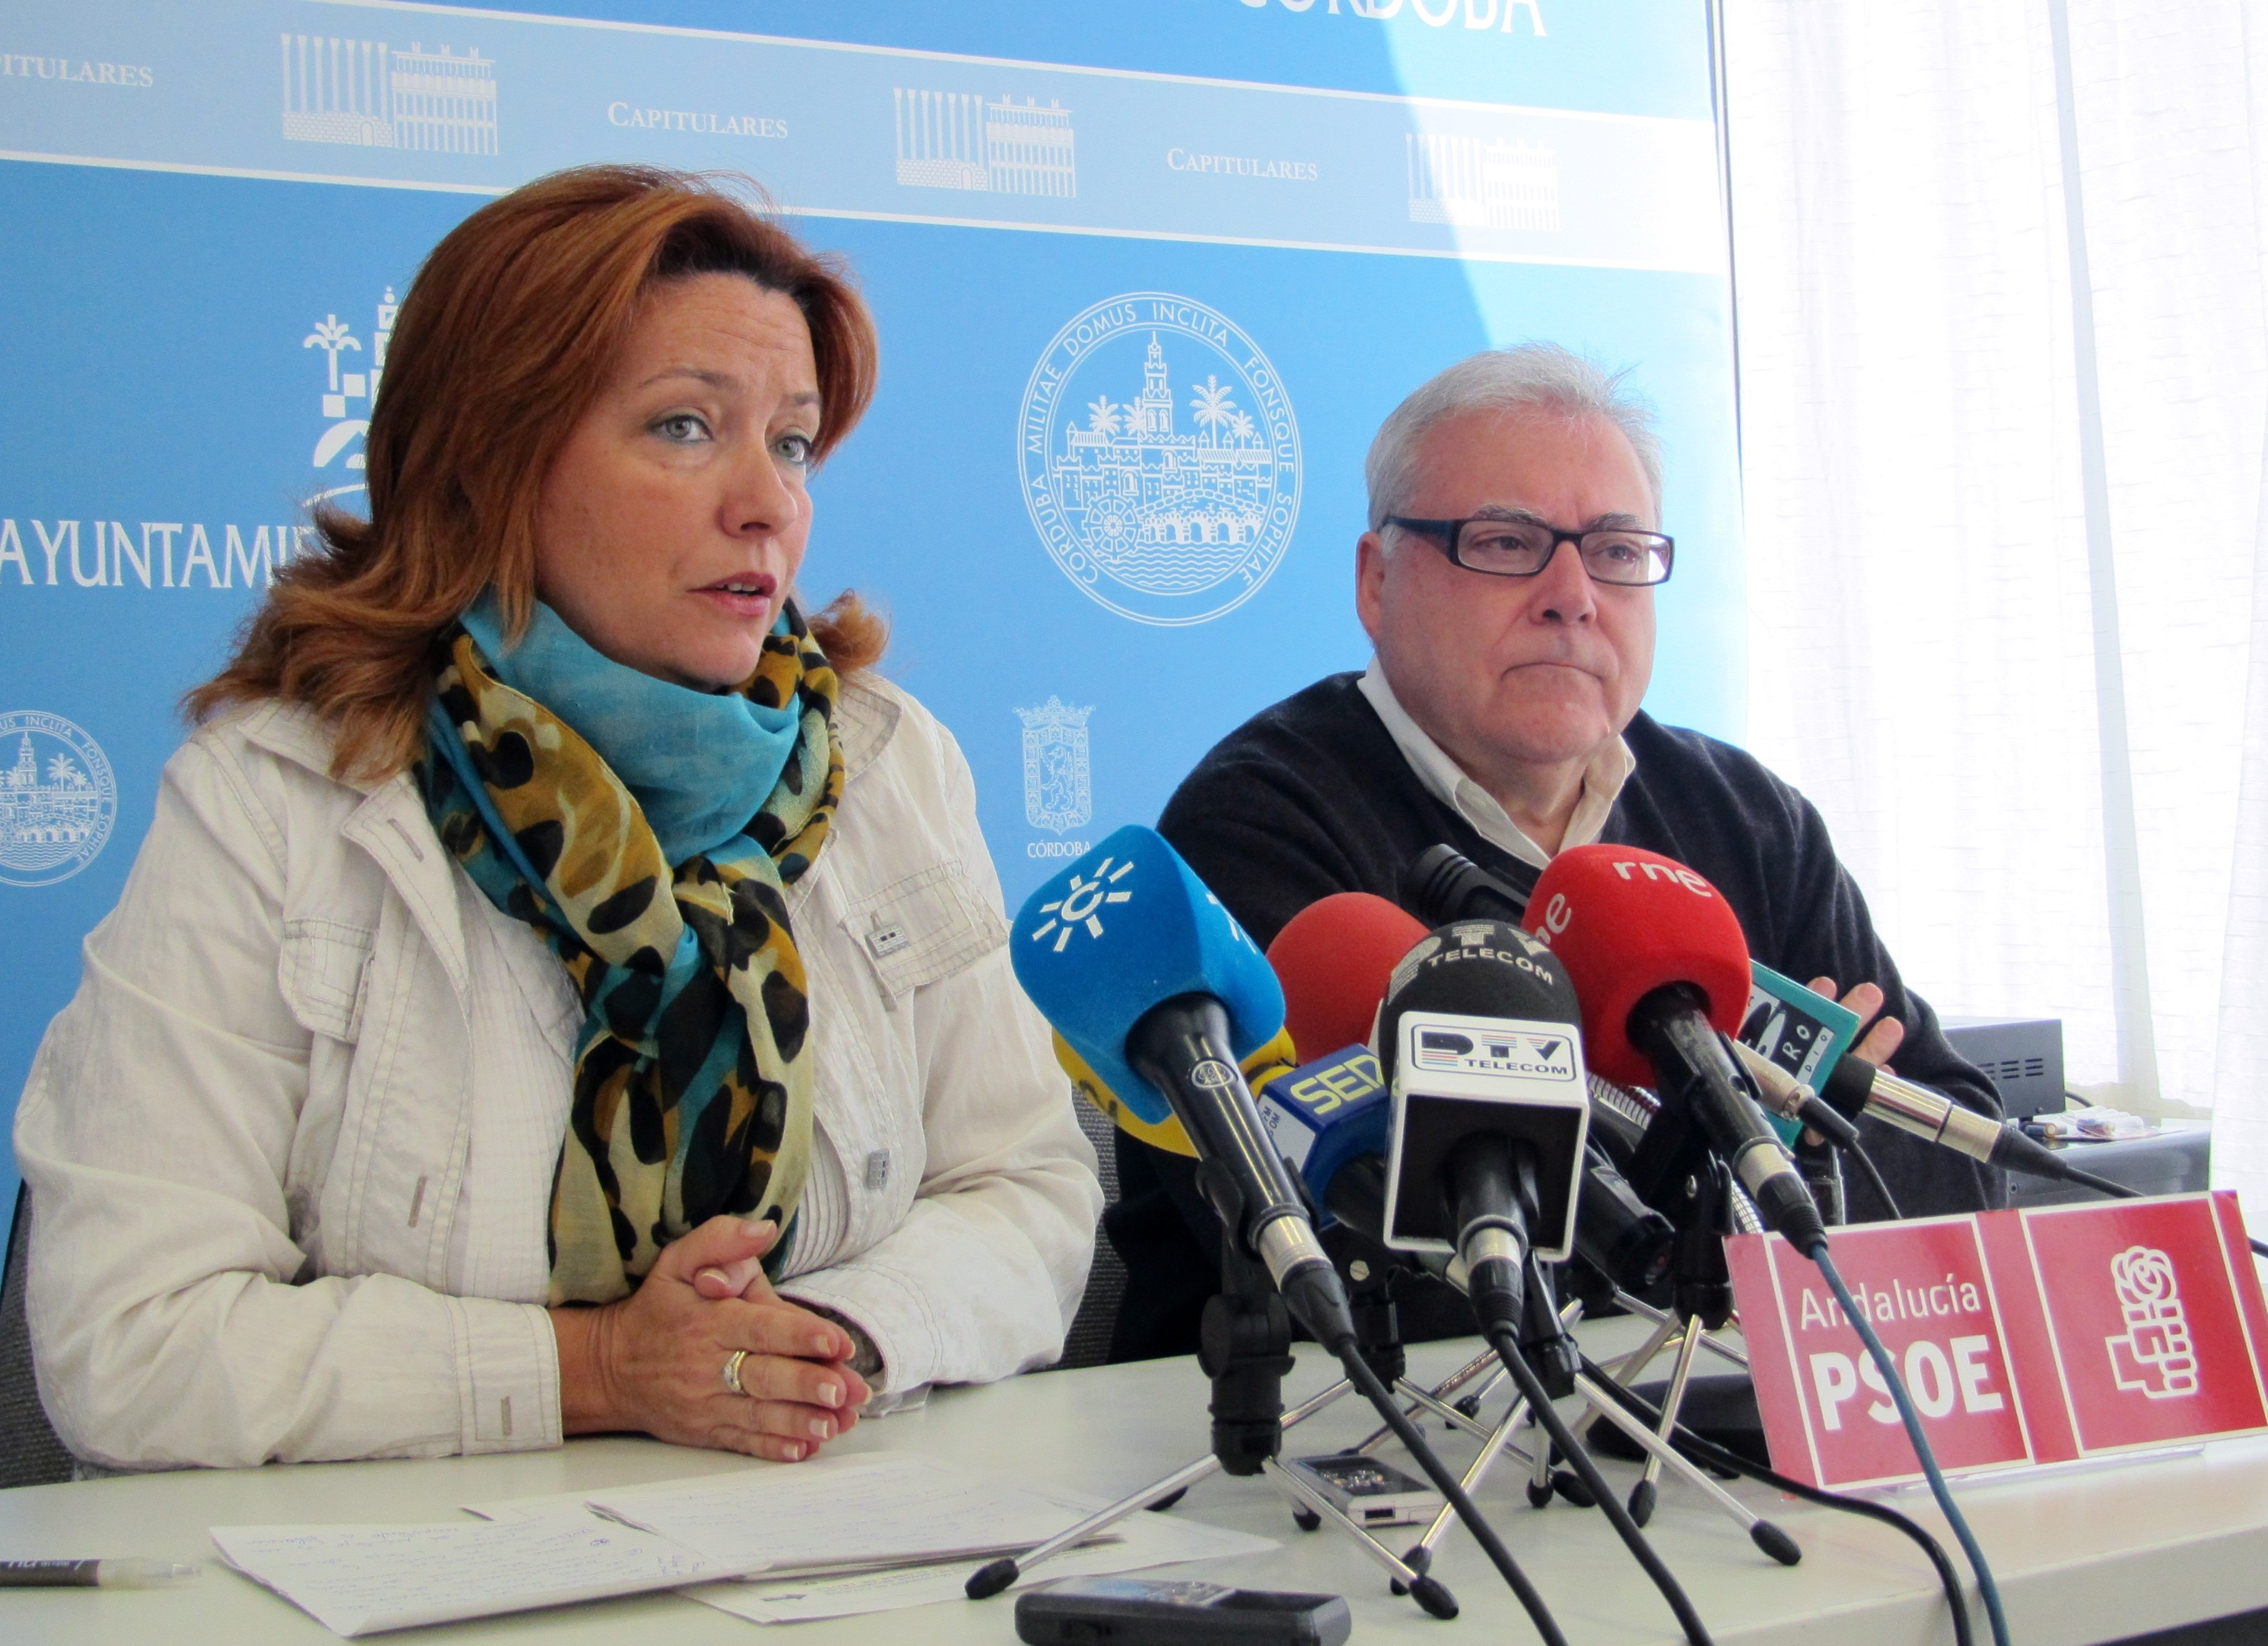 El PSOE dice al alcalde que «ha perdido los papeles» y le exige que «deje de acusar a la oposición»